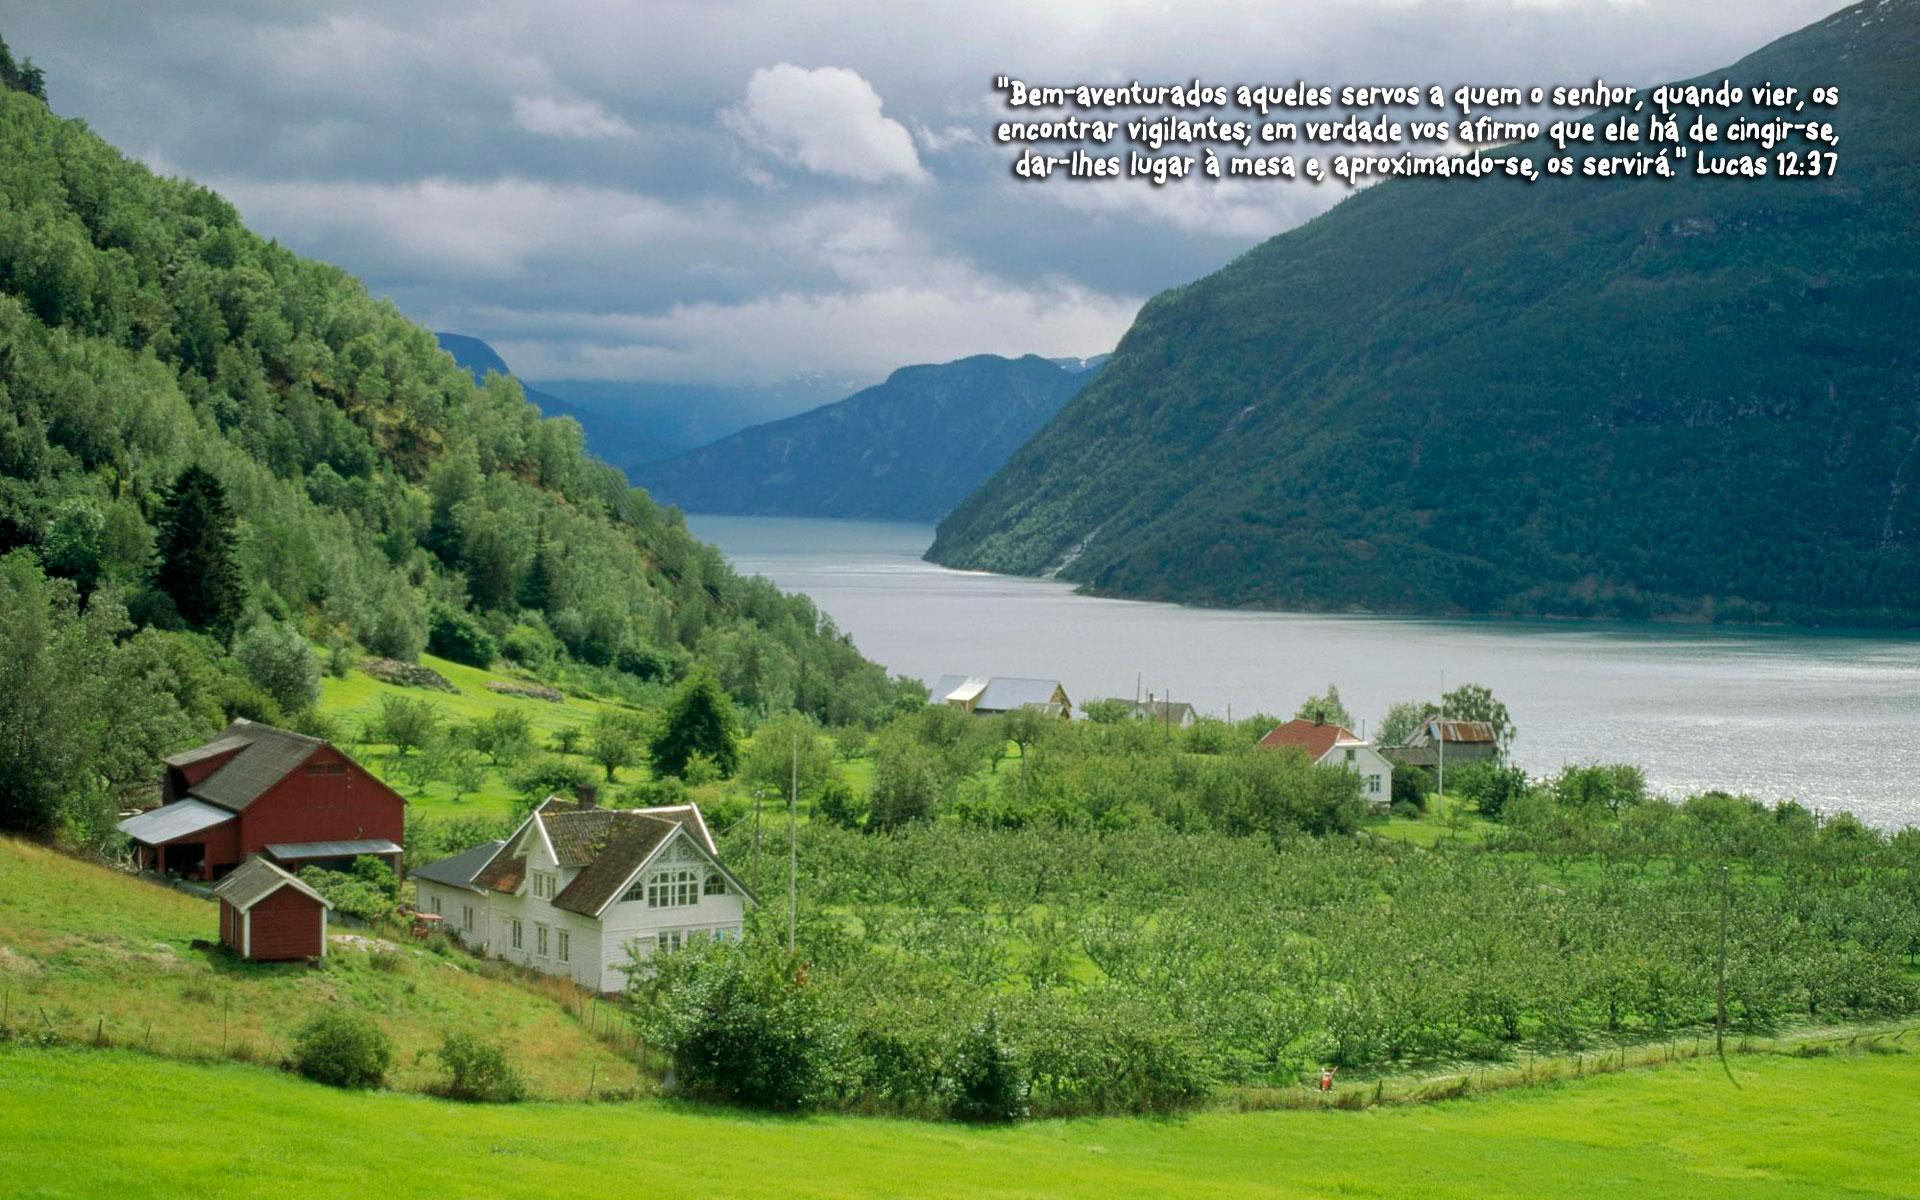 http://www.devocionaldiario.com.br/imagens/valley_river_w.jpg